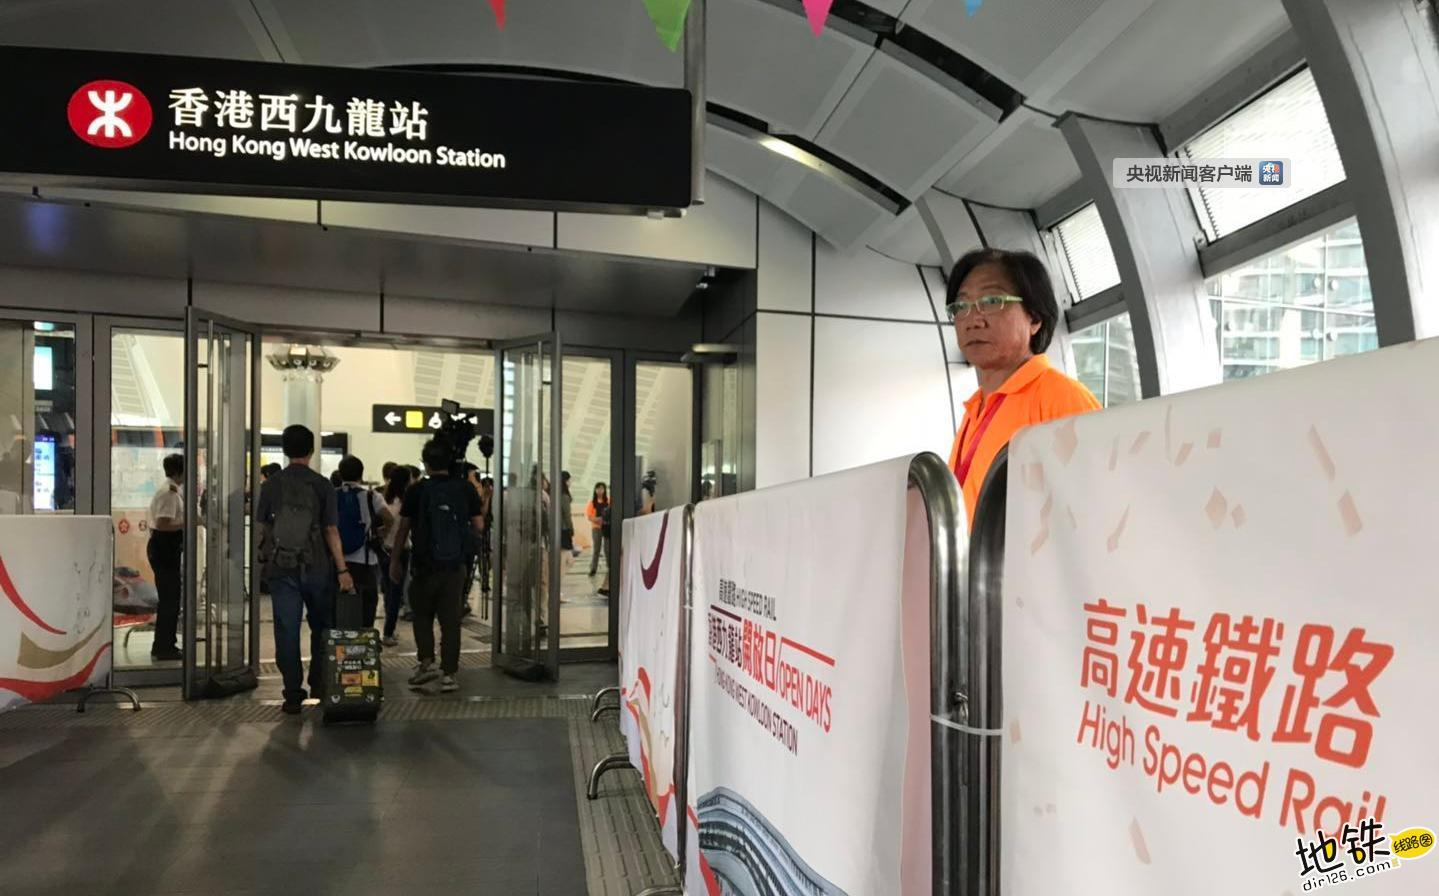 广深港高铁香港段已接载约88万人次乘客往来西九龙站 乘客 国庆 香港西九龙站 广深港高铁 轨道动态  第1张